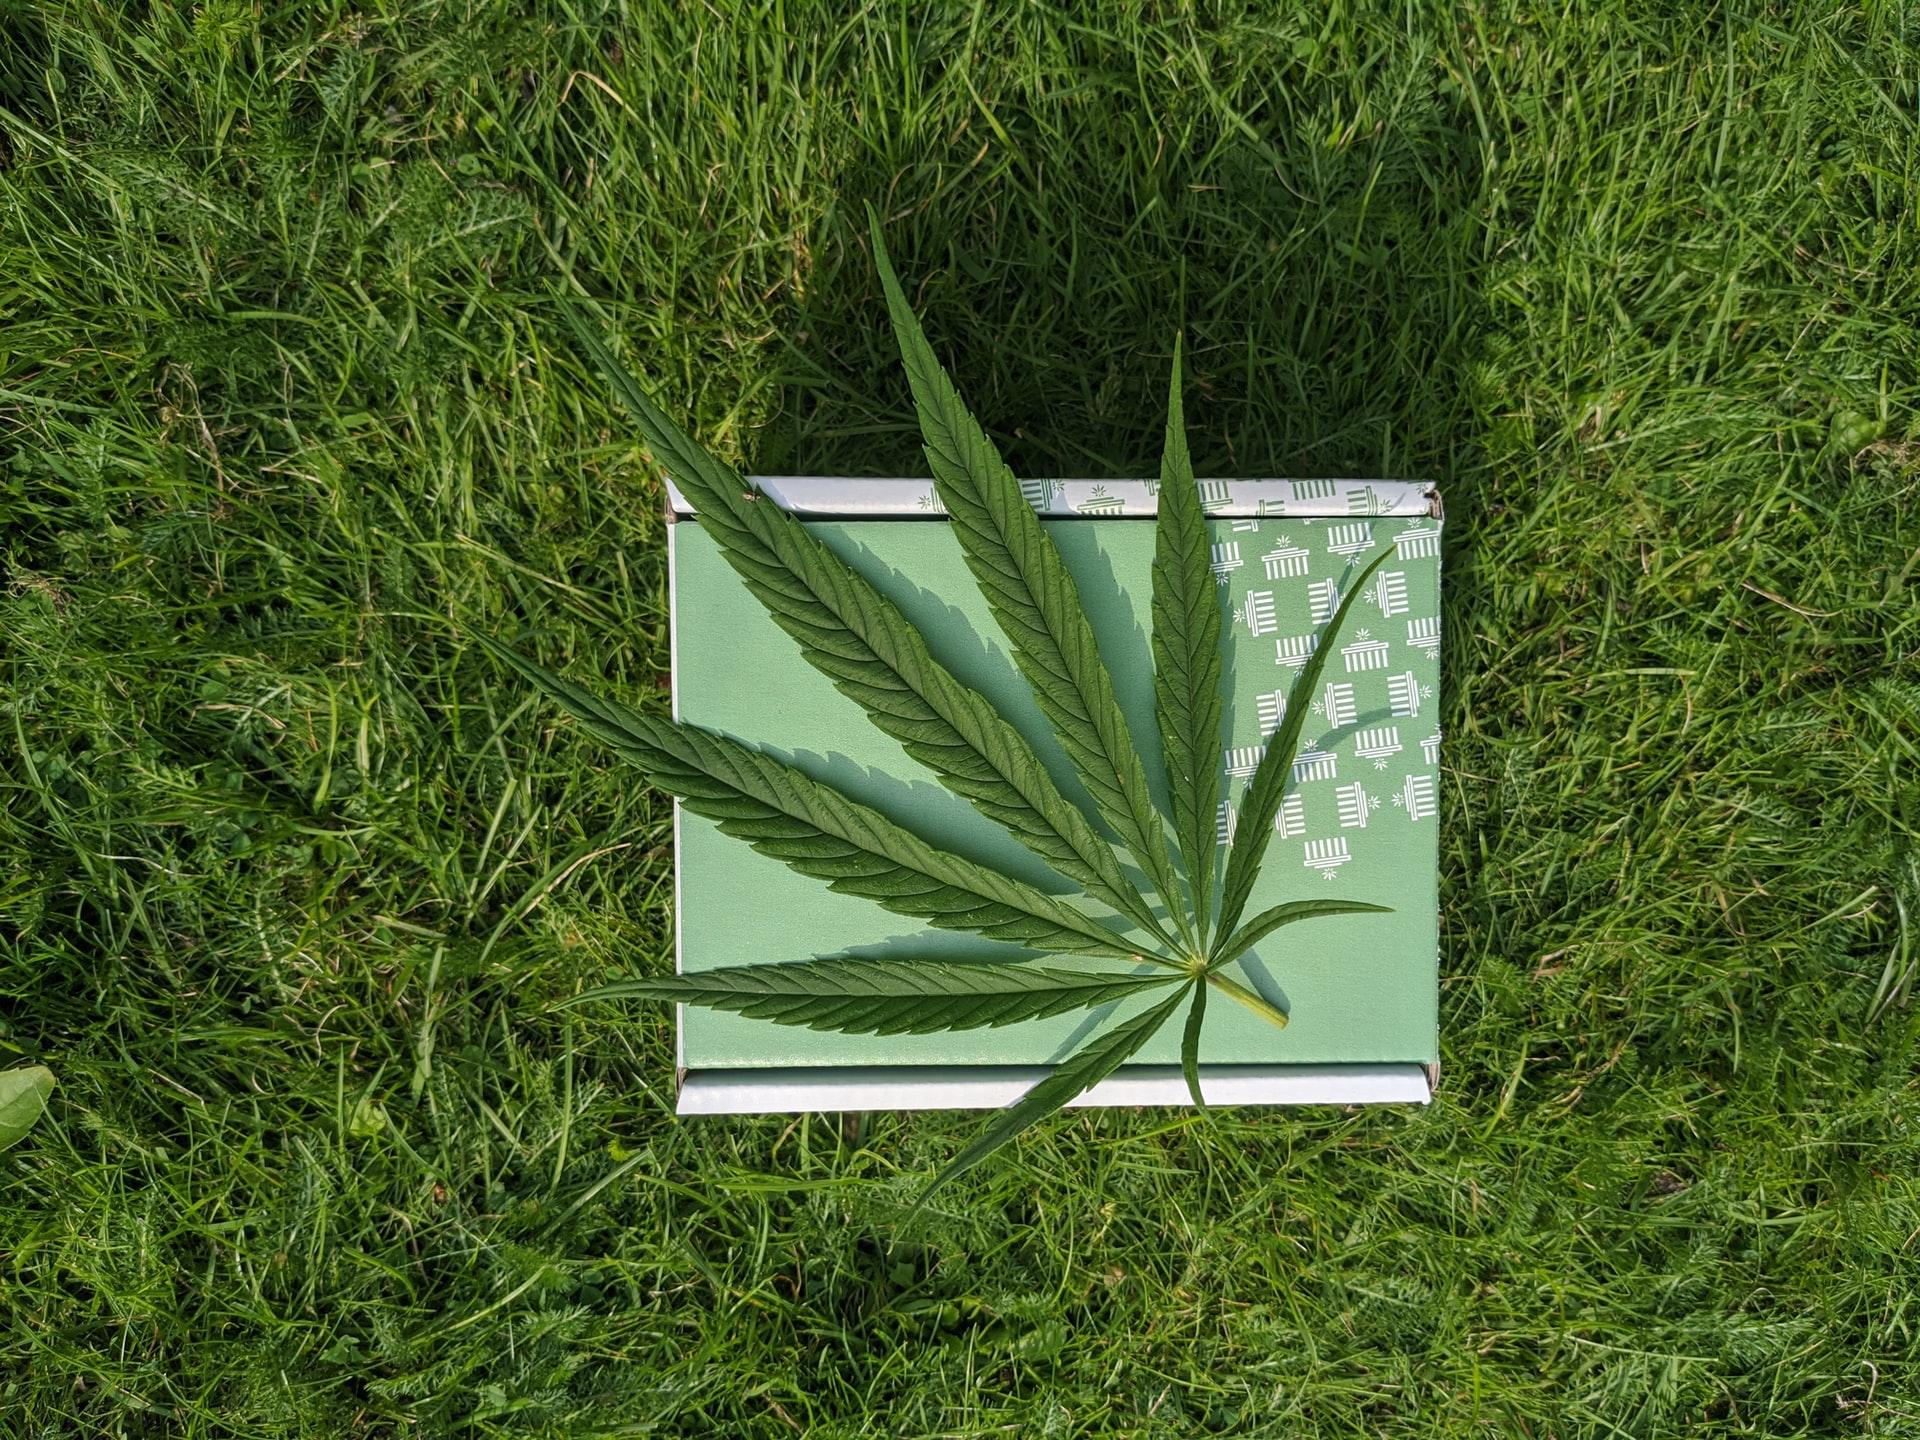 Nación Cannabis | ¿Puedes tener plantas de marihuana en tu casa?